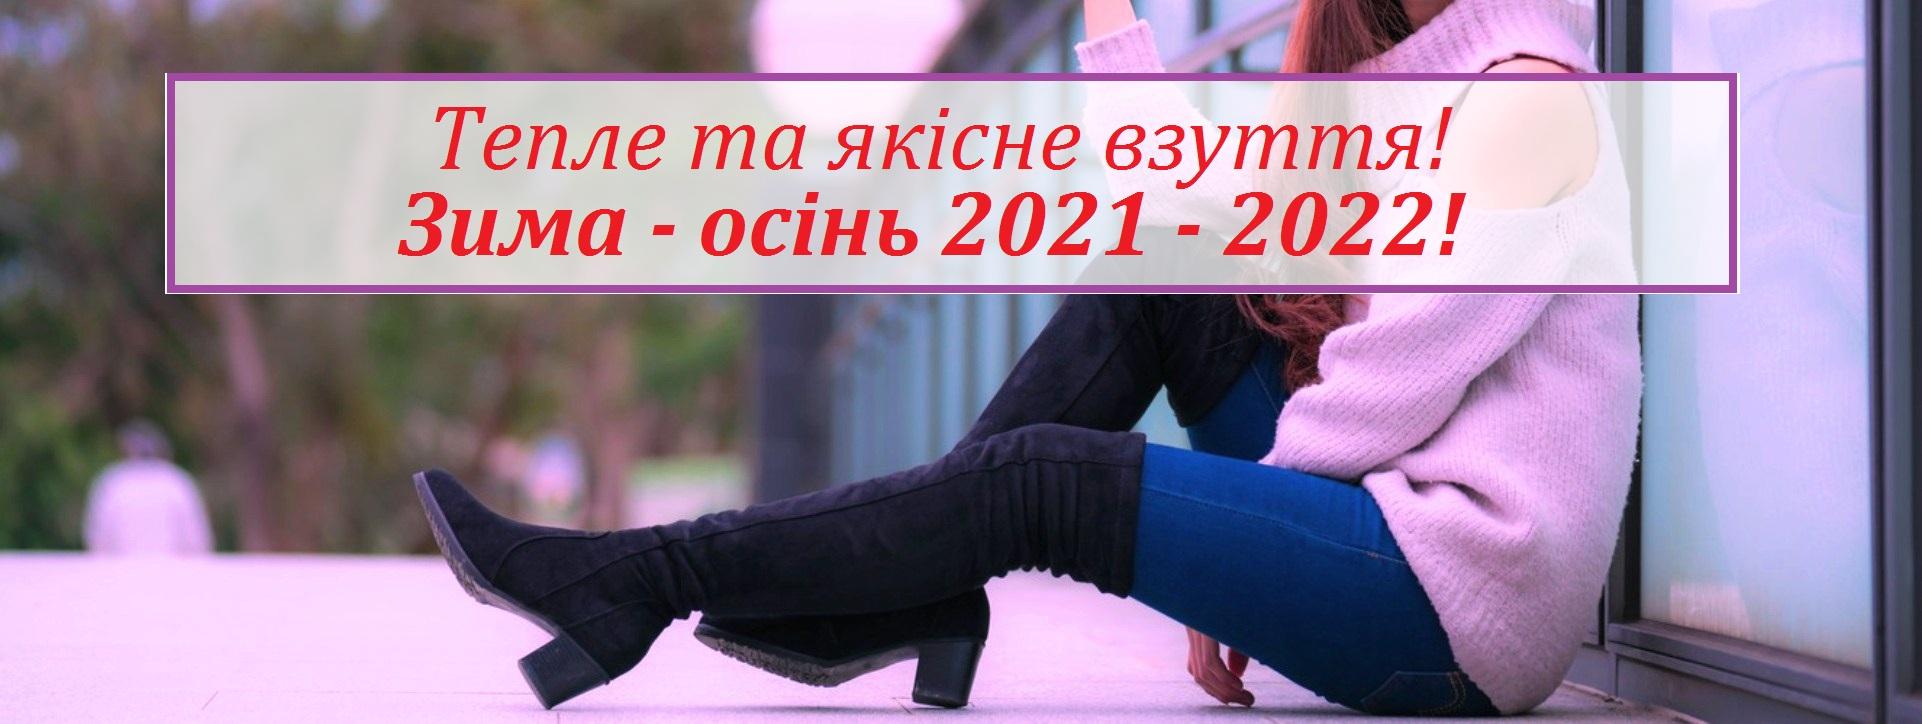 Нова колеція осіннього та зимового взуття 2021-2022 з приємними знижками!